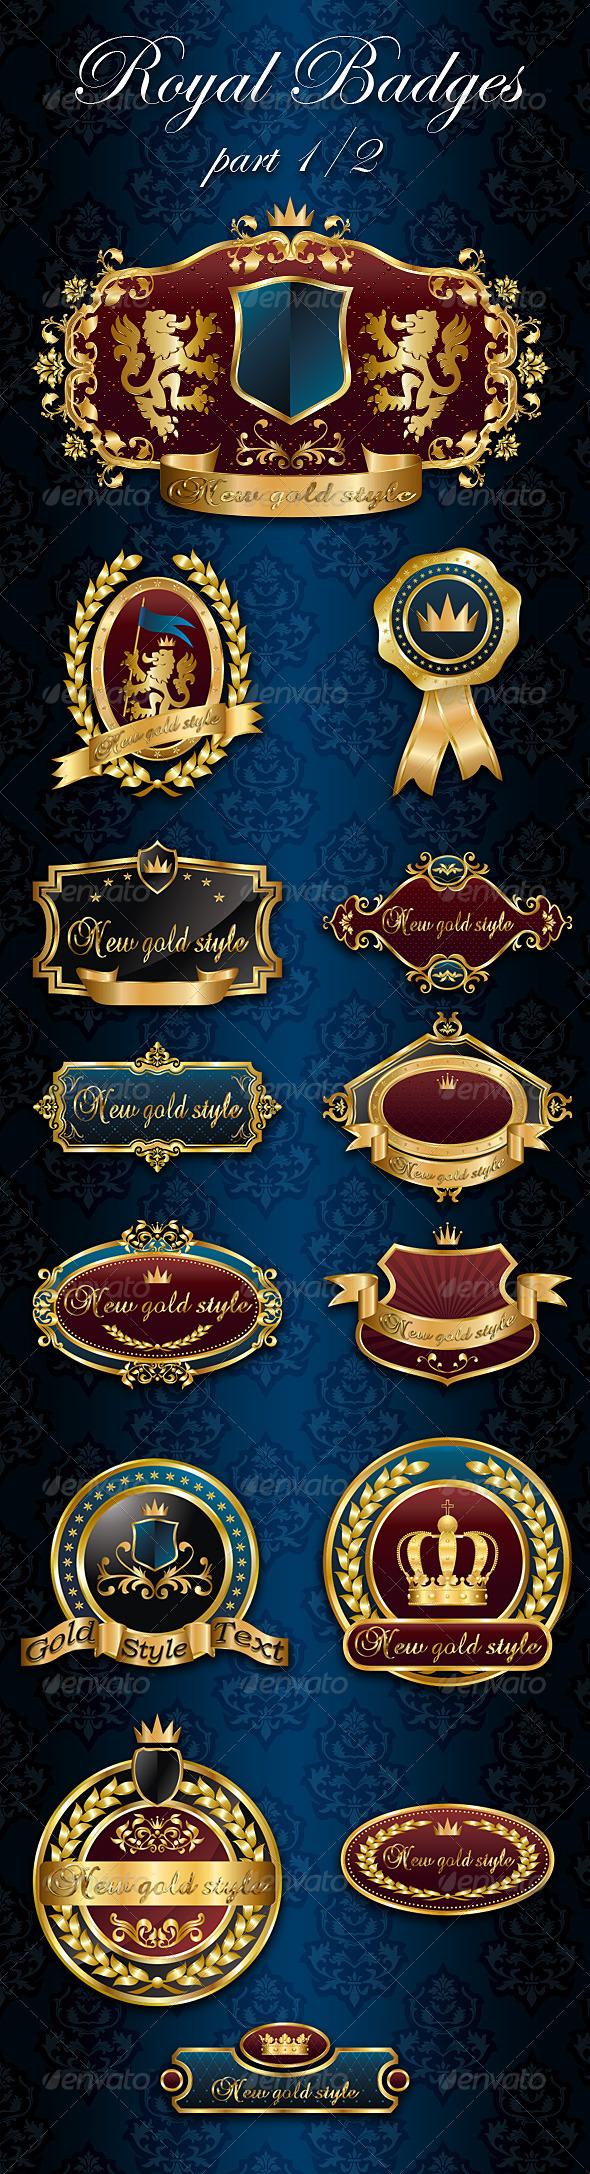 GraphicRiver Royal Badges Frames part 1 2 1762579